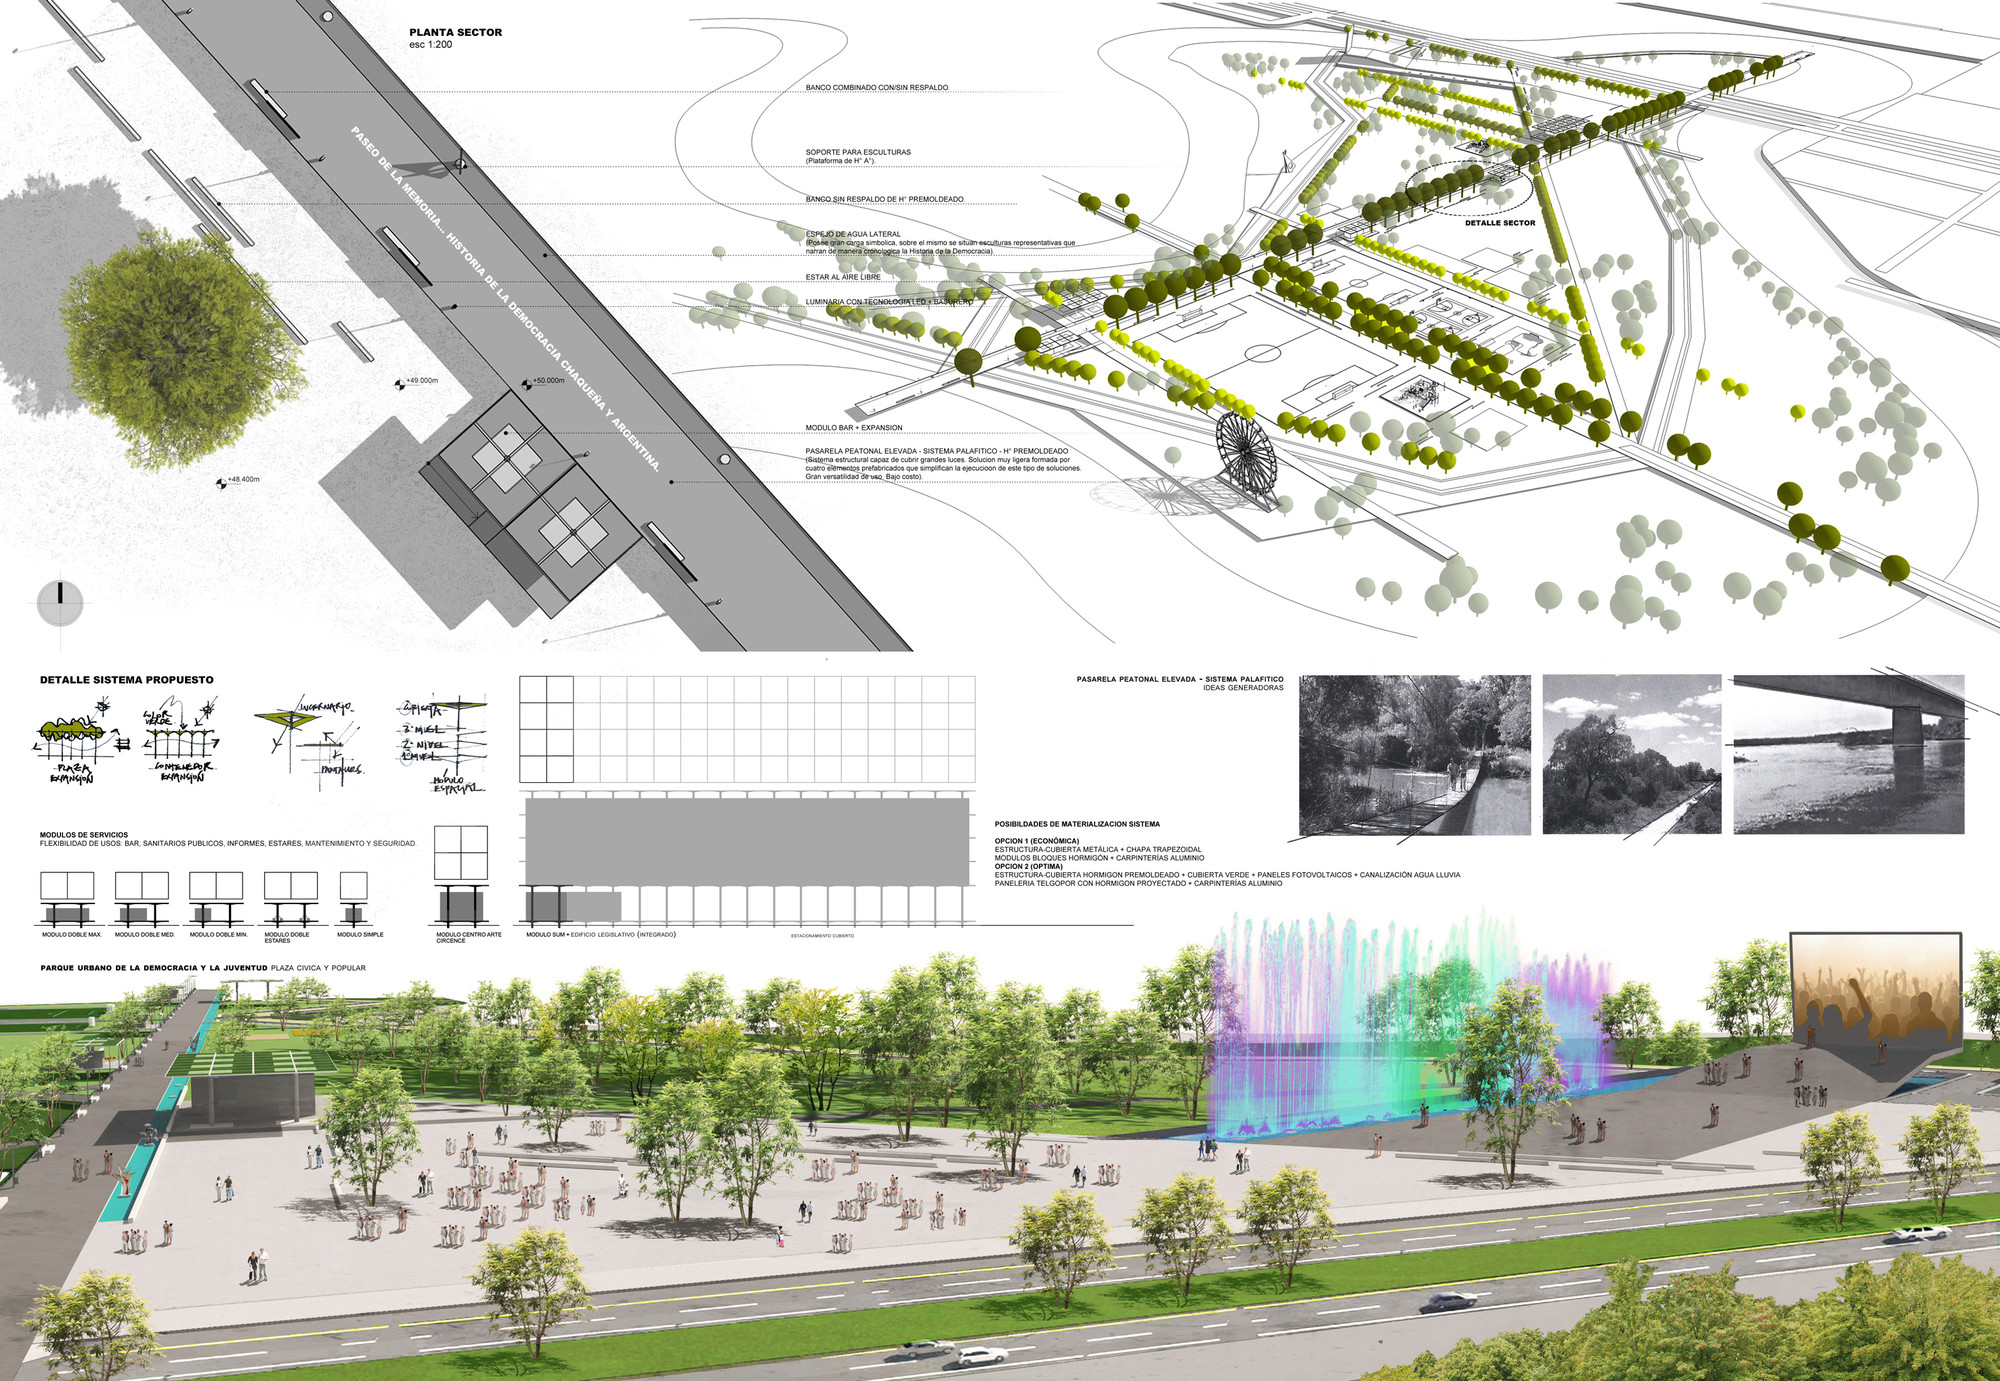 """Se construirá el parque urbano más grande de la provincia del Chaco: Primer Lugar Parque Urbano """"Inundable"""" de la Democracia y la Juventud , Courtesy of ARQOM® industria creativa"""